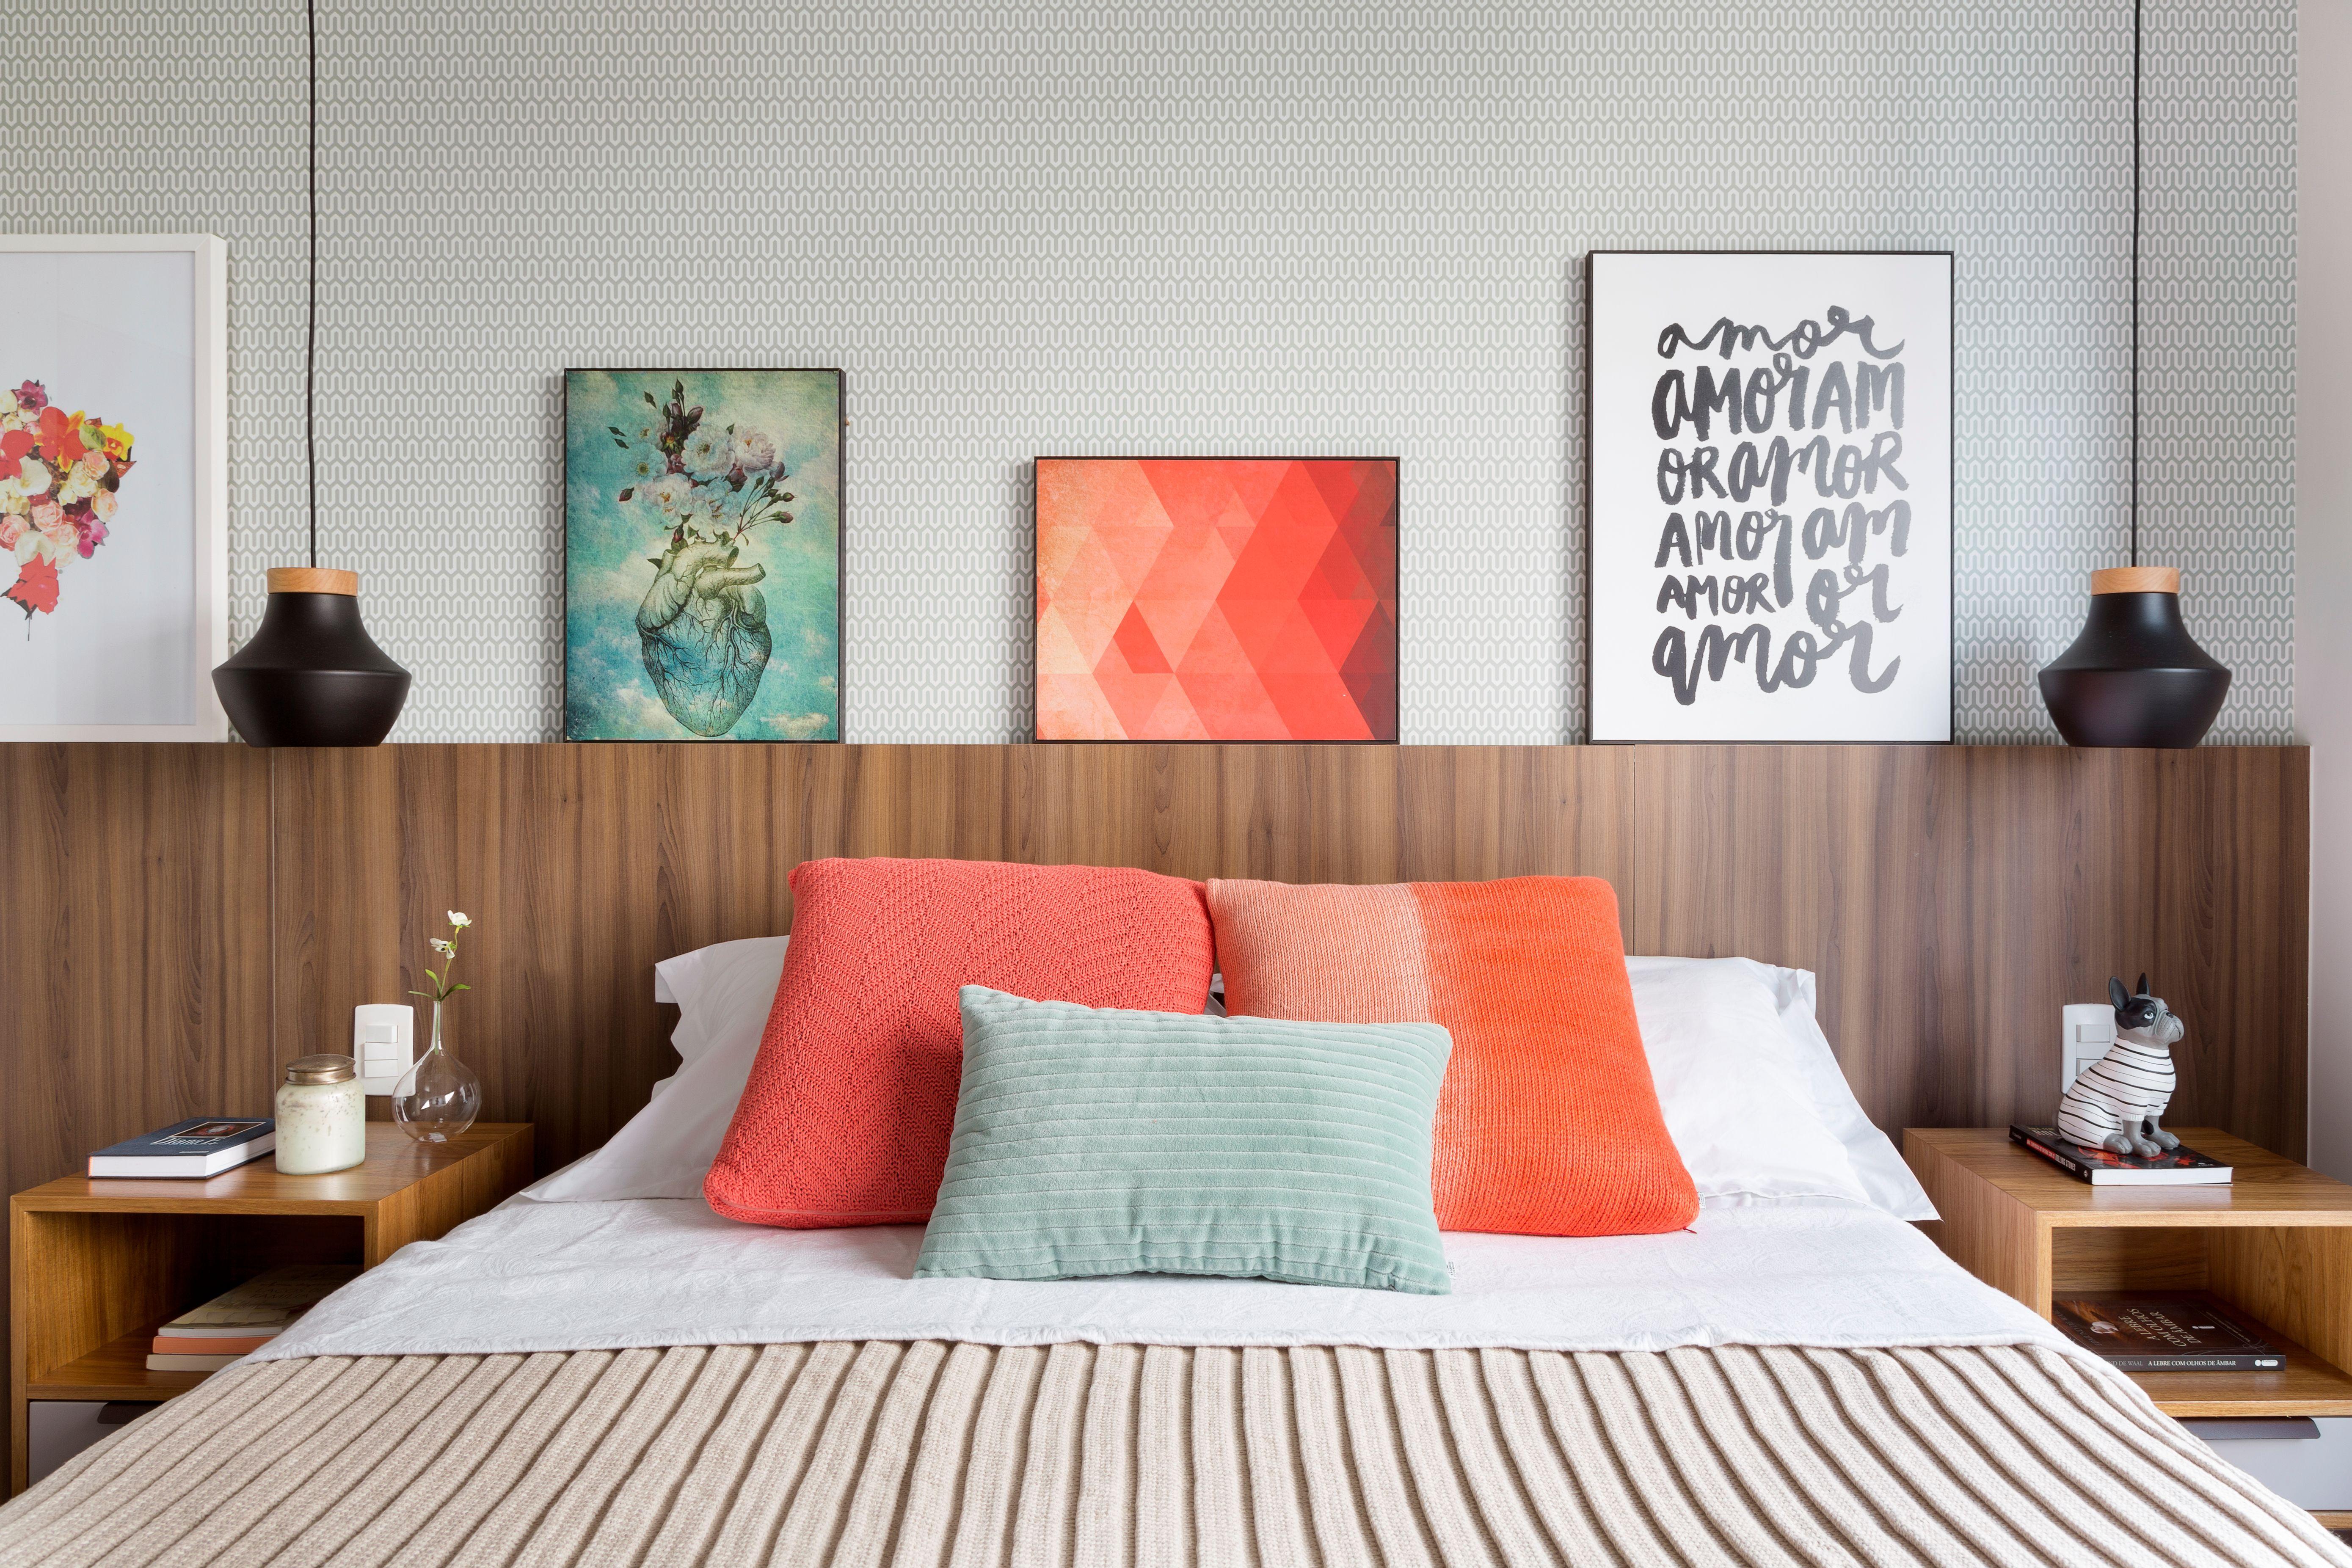 Apê com área social integrada, clara e colorida: perfeito para receber.